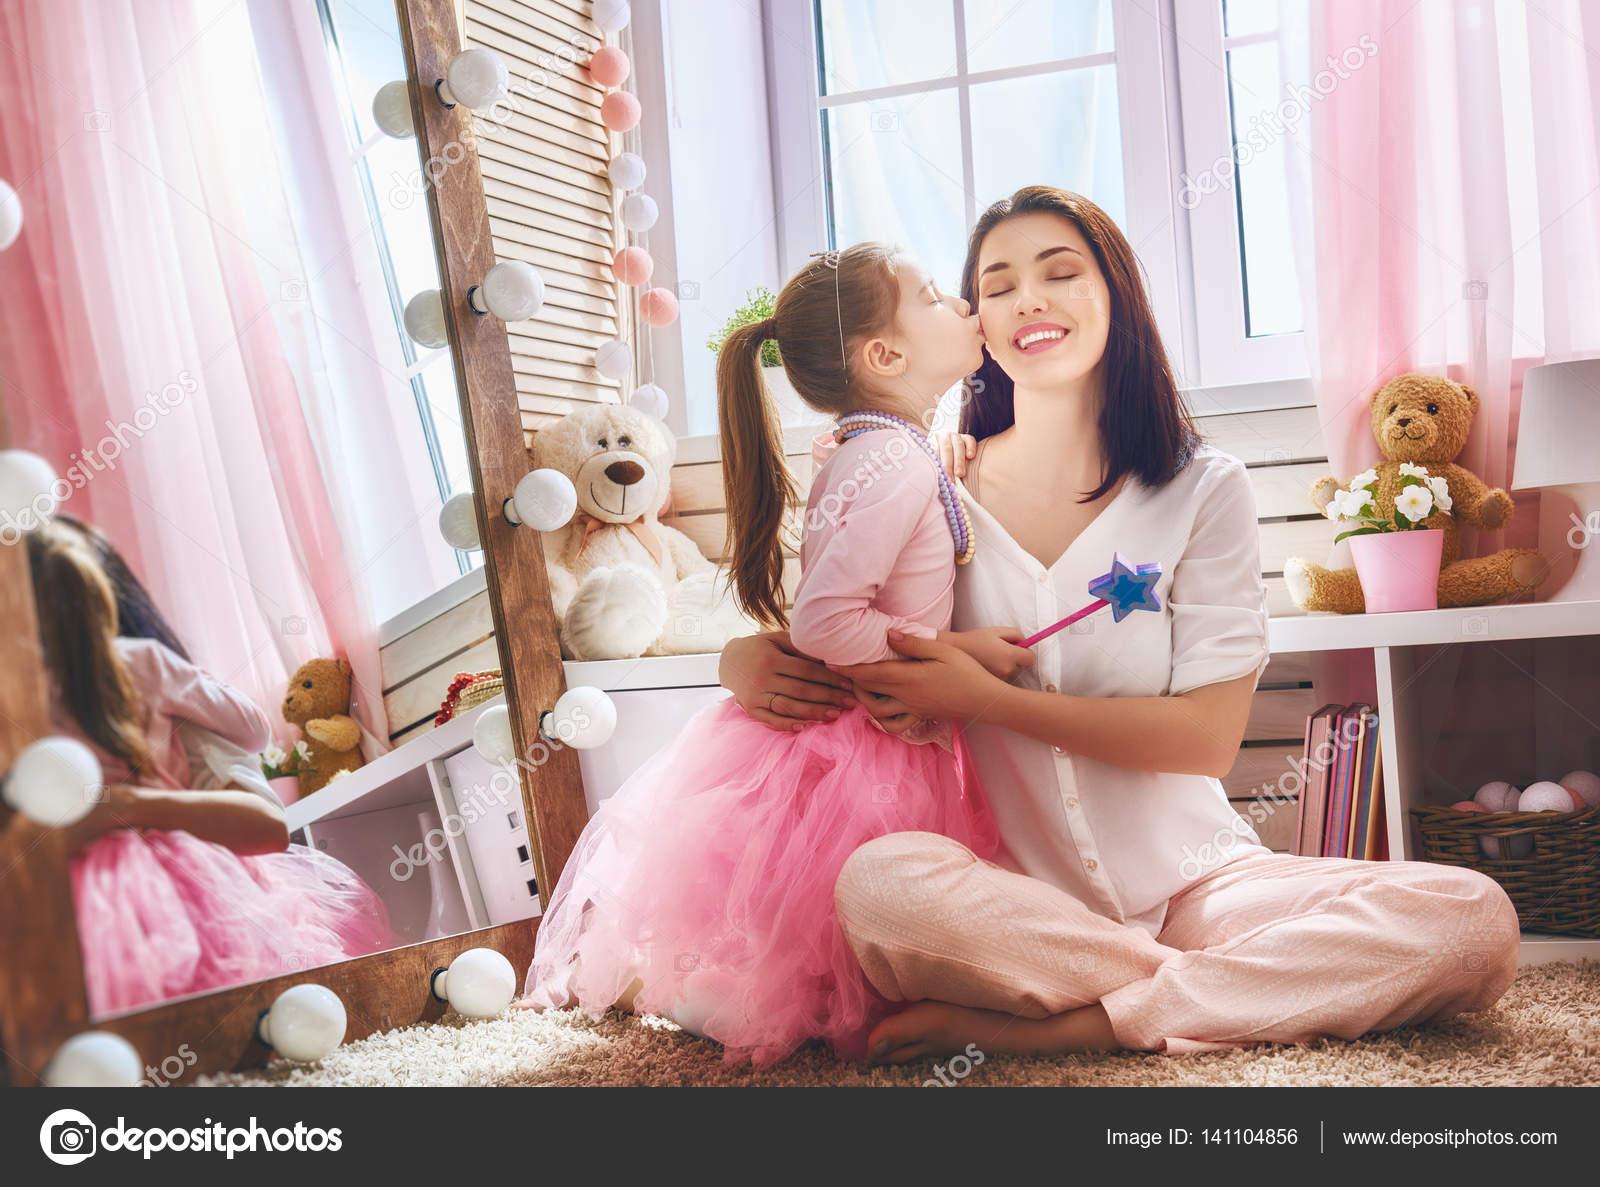 Стихи дочери от мамы трогательные до слез  Коркиlol